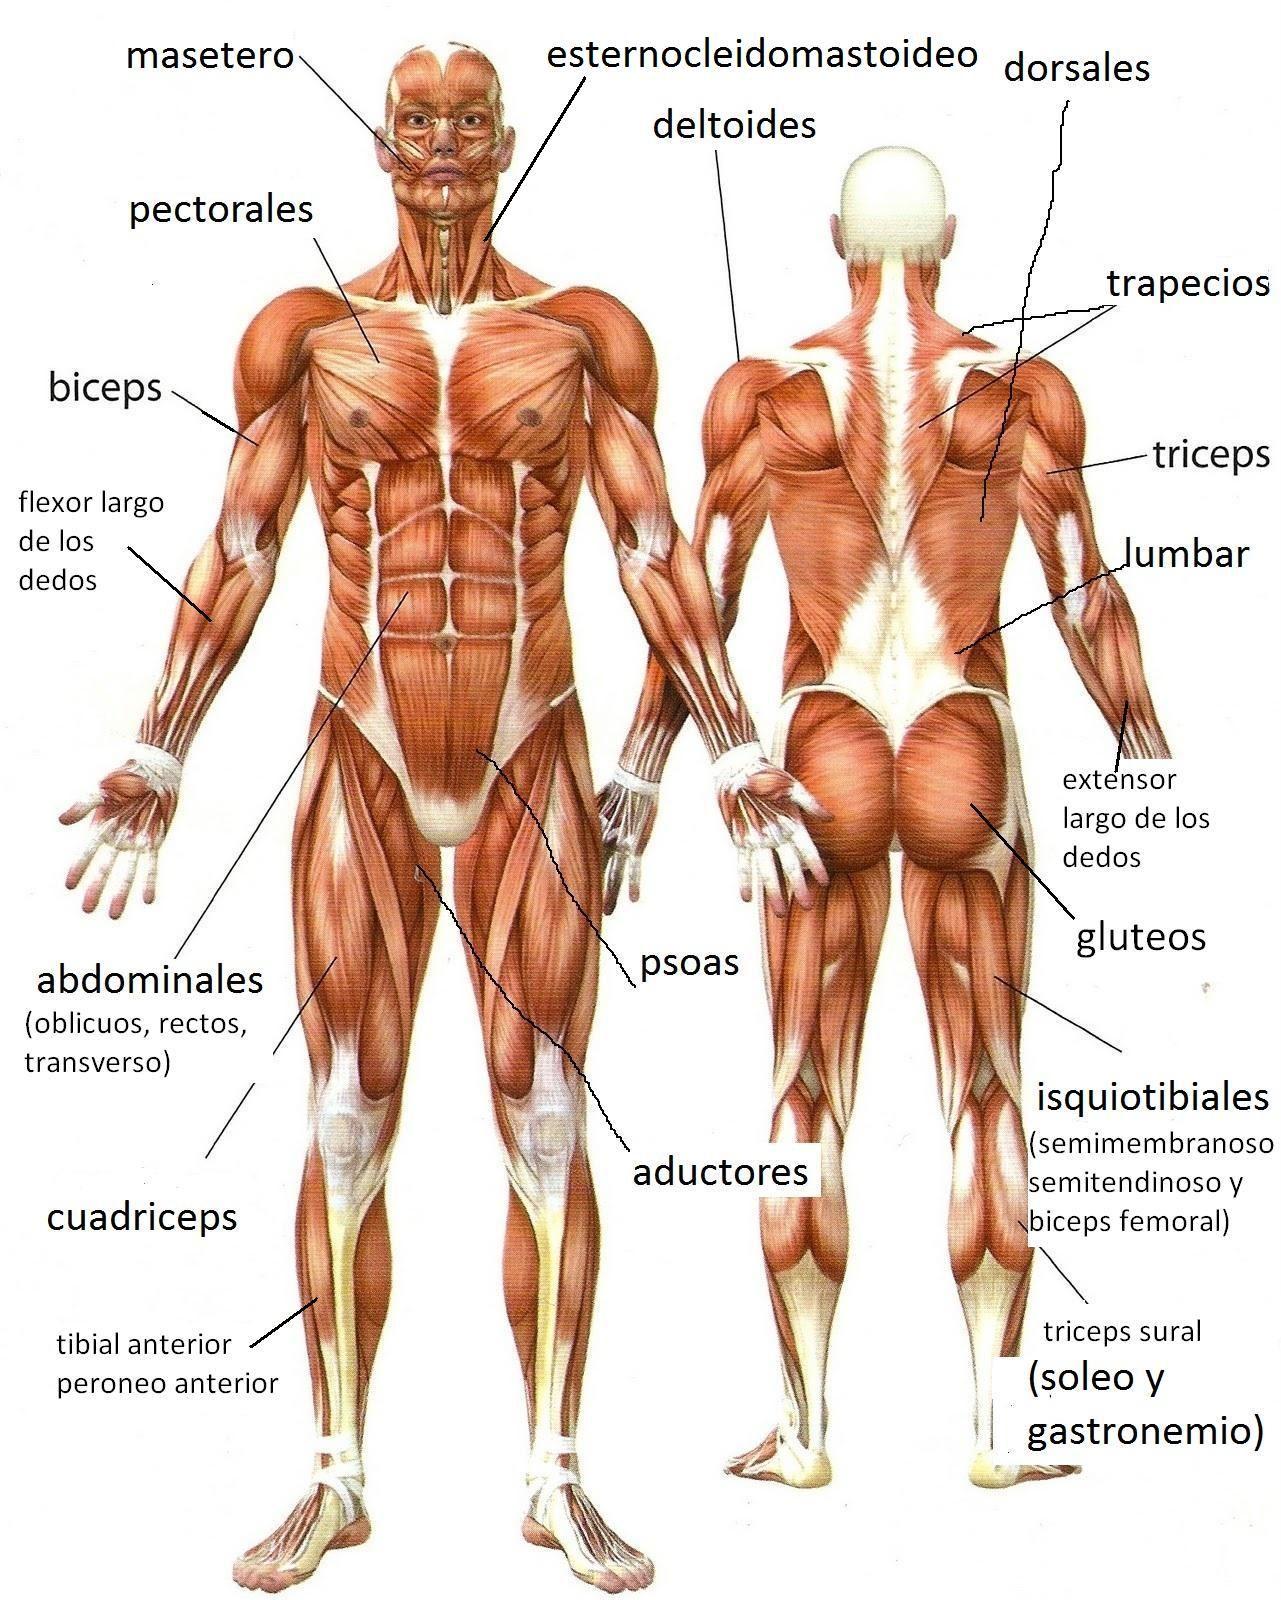 musculos del cuerpo - Buscar con Google | Health & Fitness ...